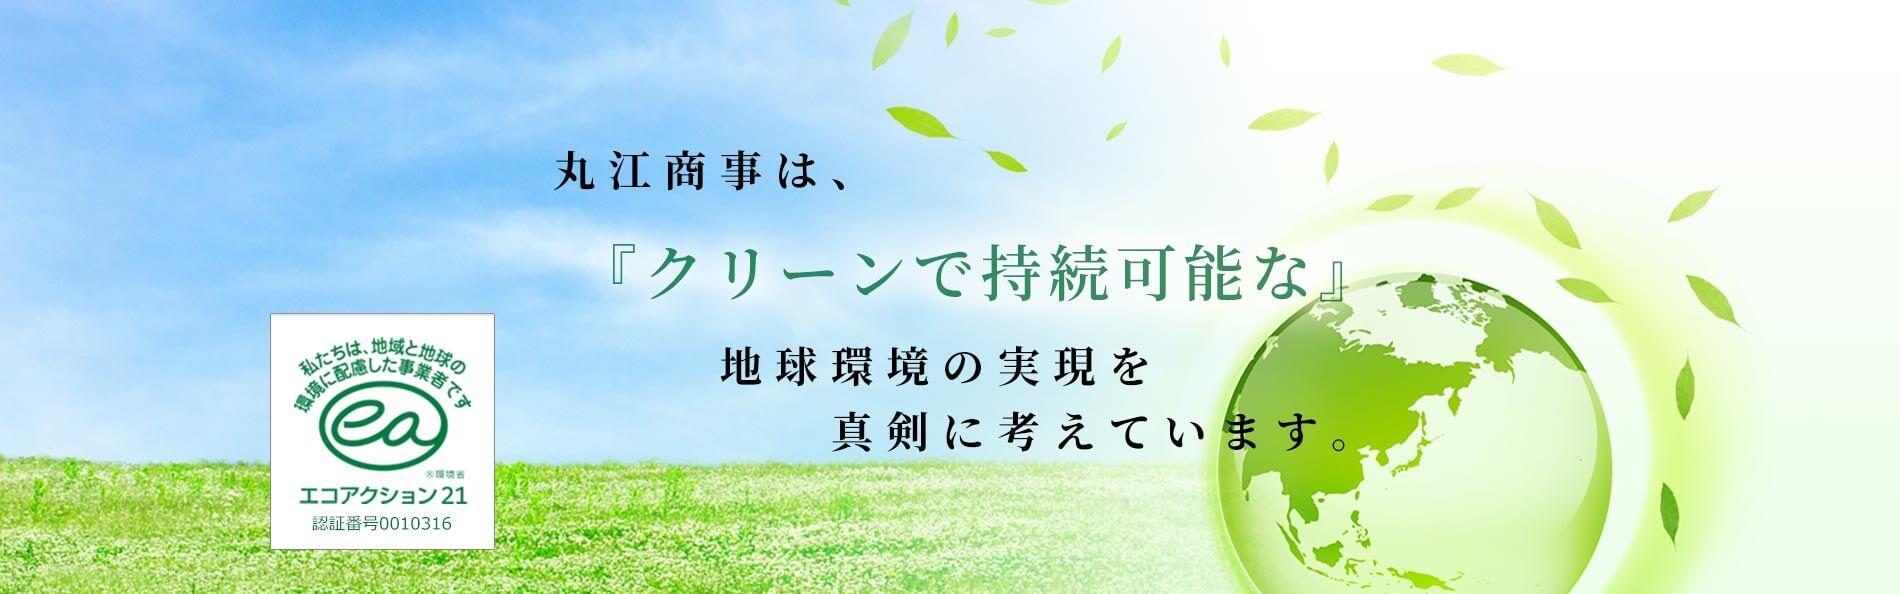 丸江商事はクリーンで持続な脳な地球環境の実現を真剣に考えています。